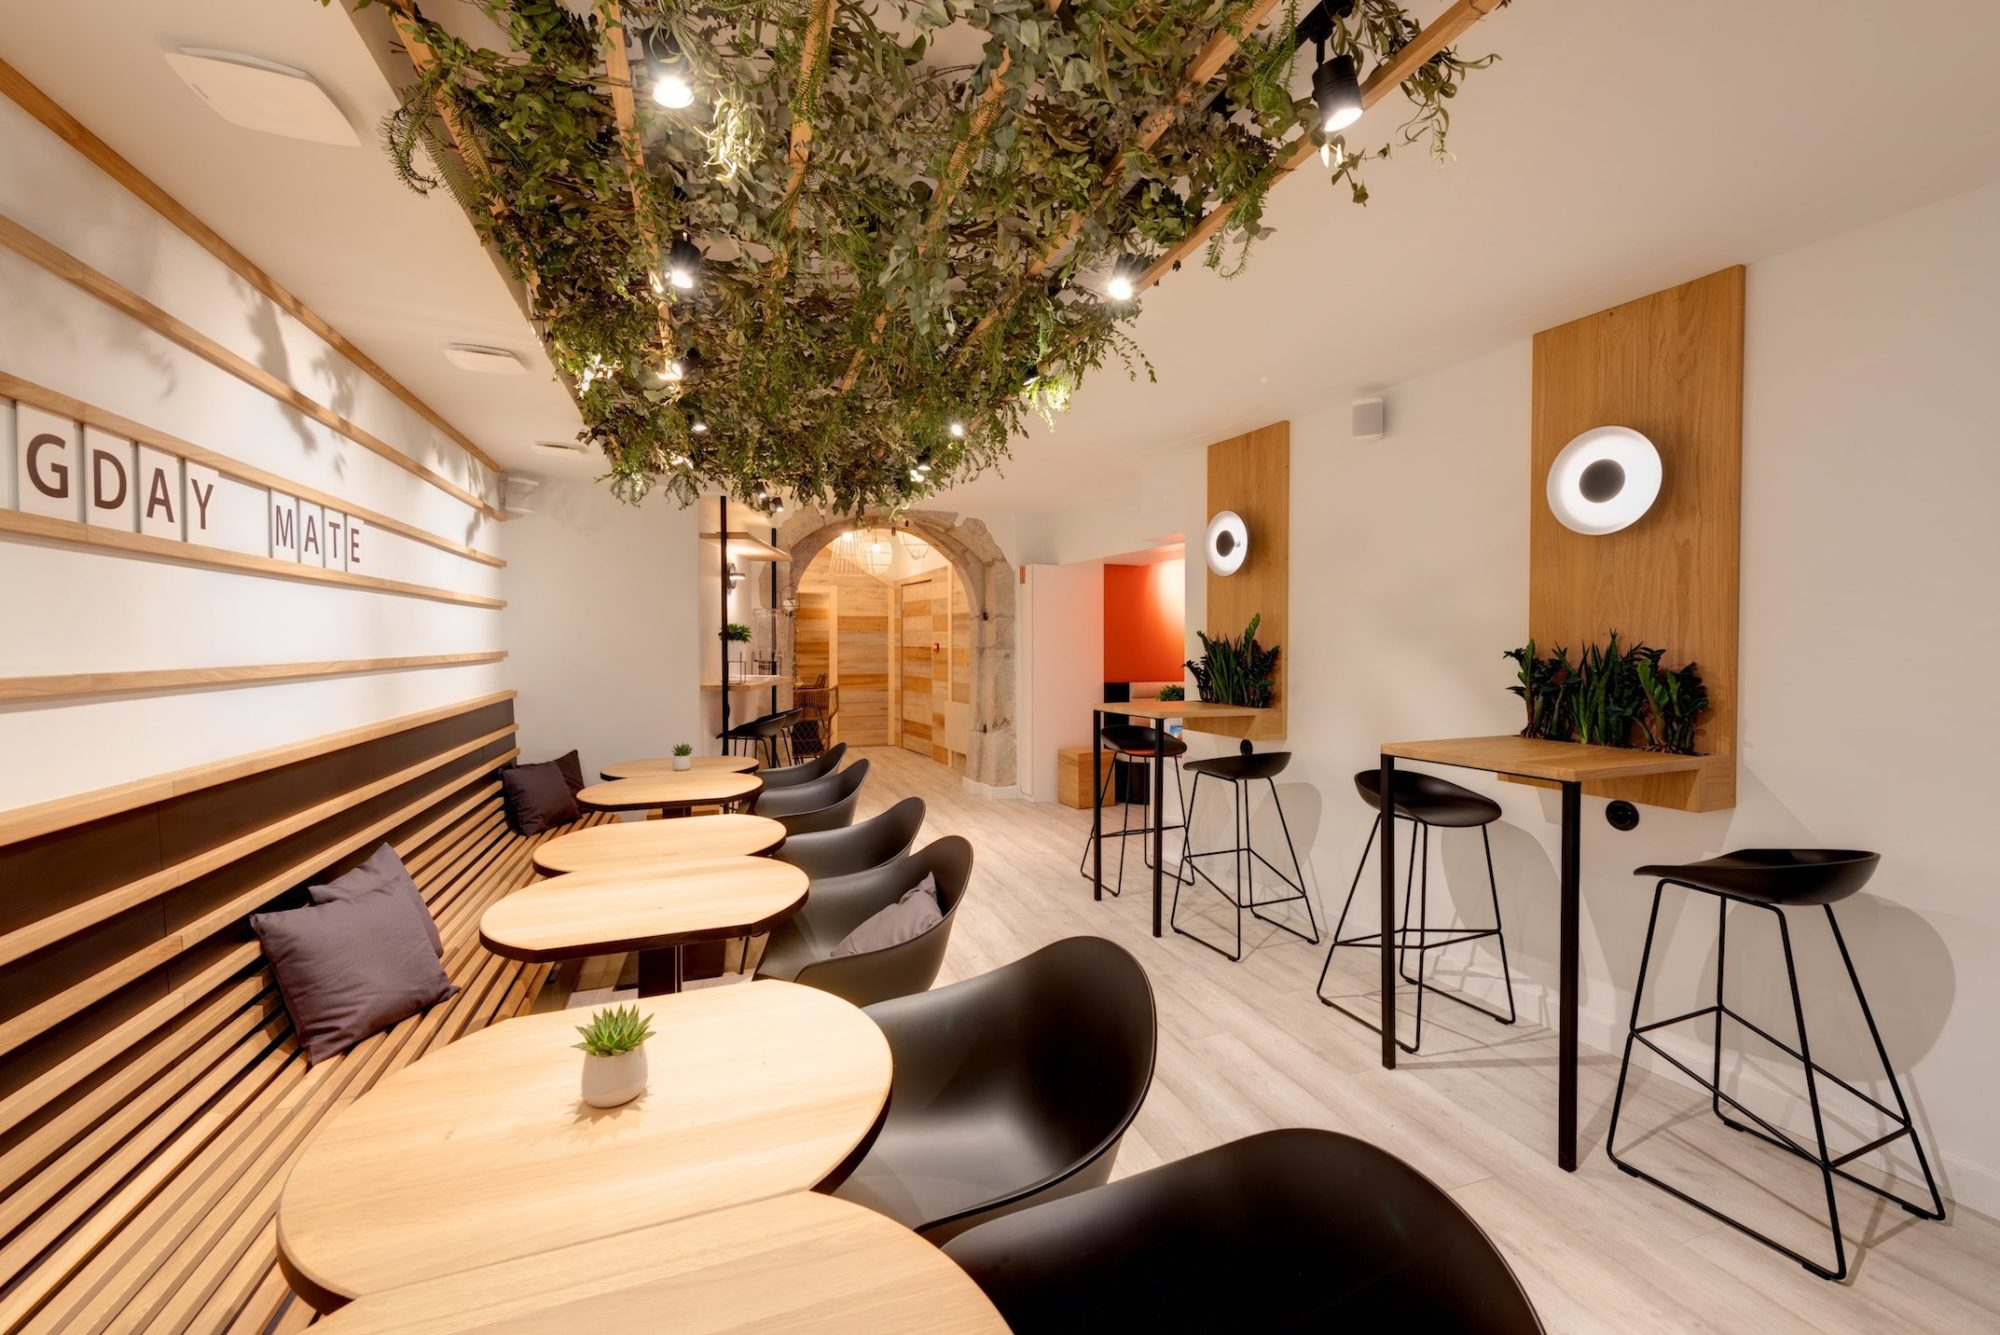 Ecole De Design Annecy agencement bar hôtel | agence design restaurant | eskis.co